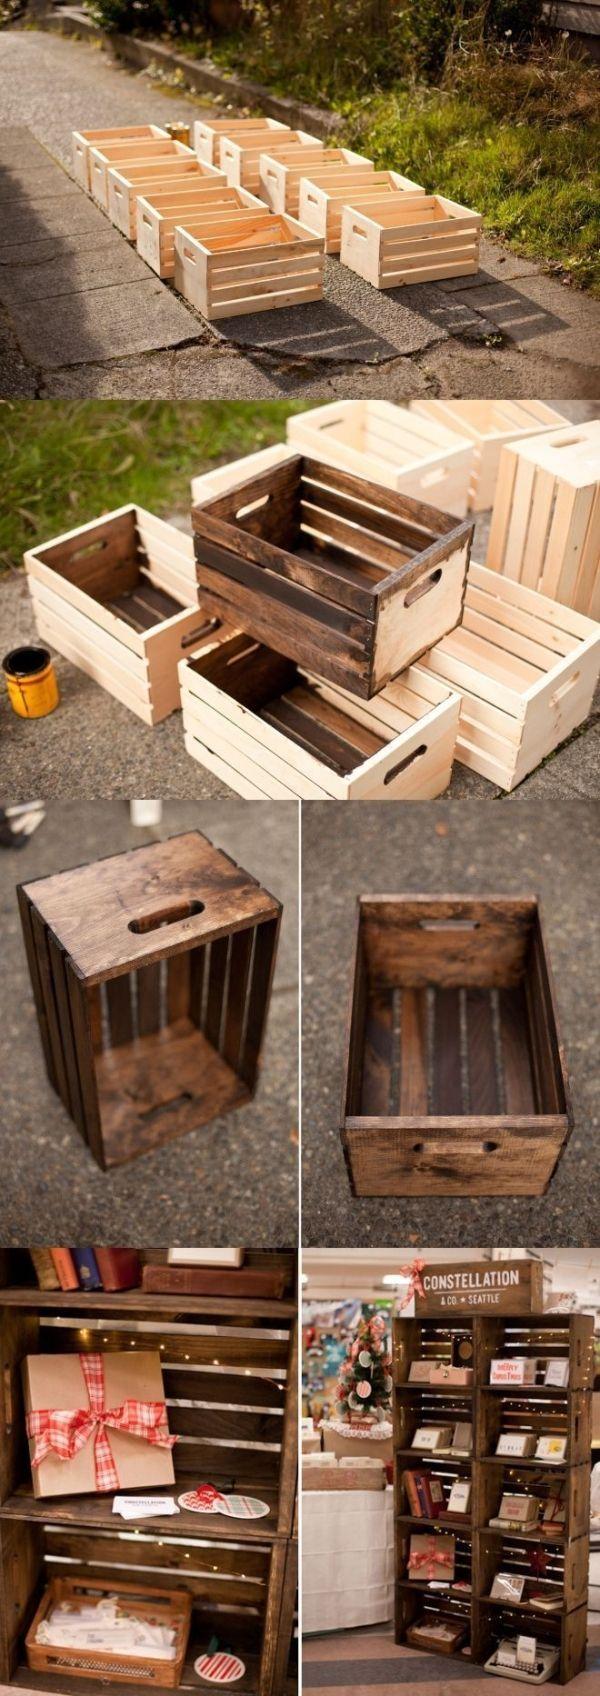 Estantería DIY con cajas de madera - dimagio-jewelry.com -  DIY Fruit box Shelves